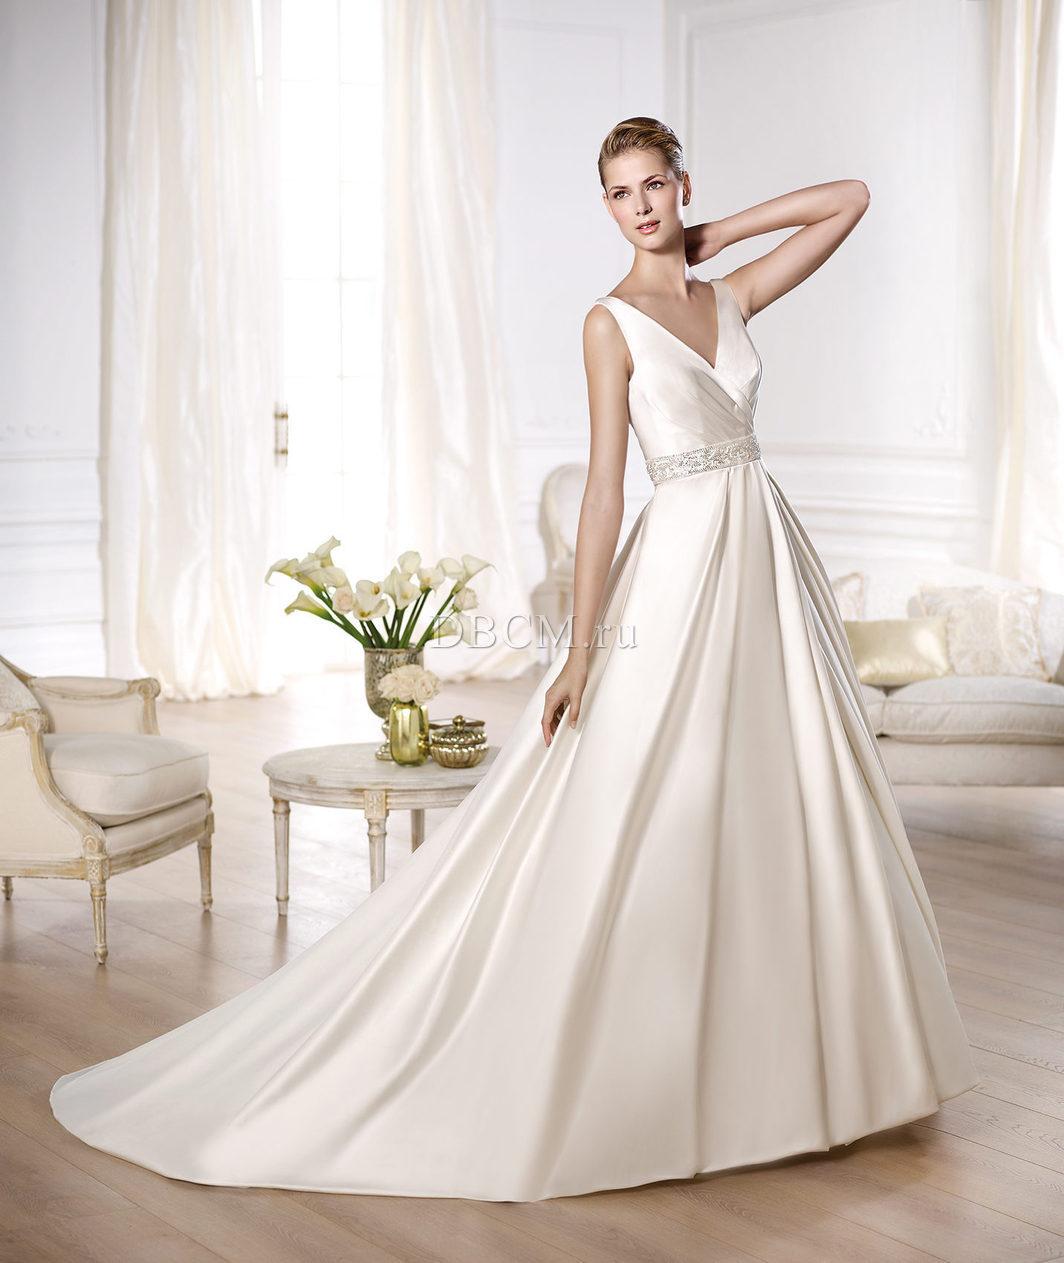 Свадебное платье с влагалищем 13 фотография